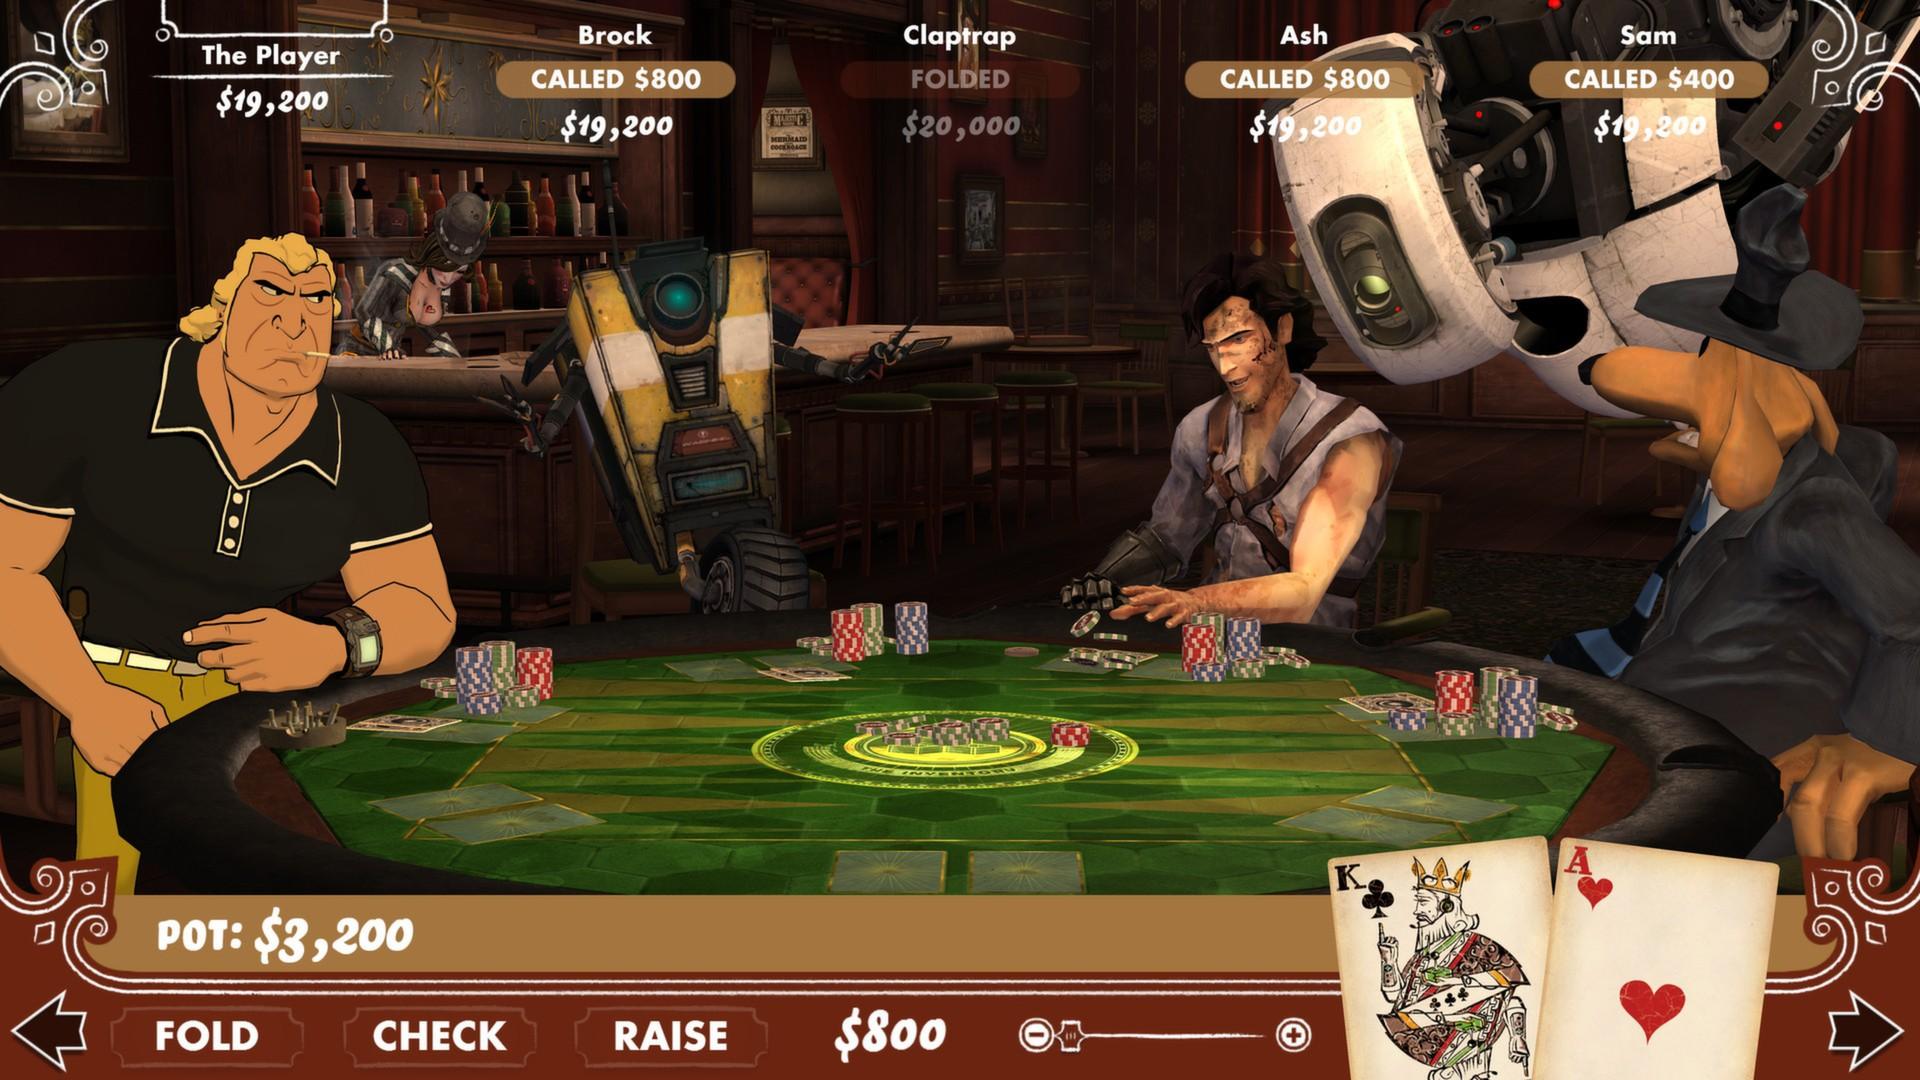 Download Poker Night 2 Full Pc Game